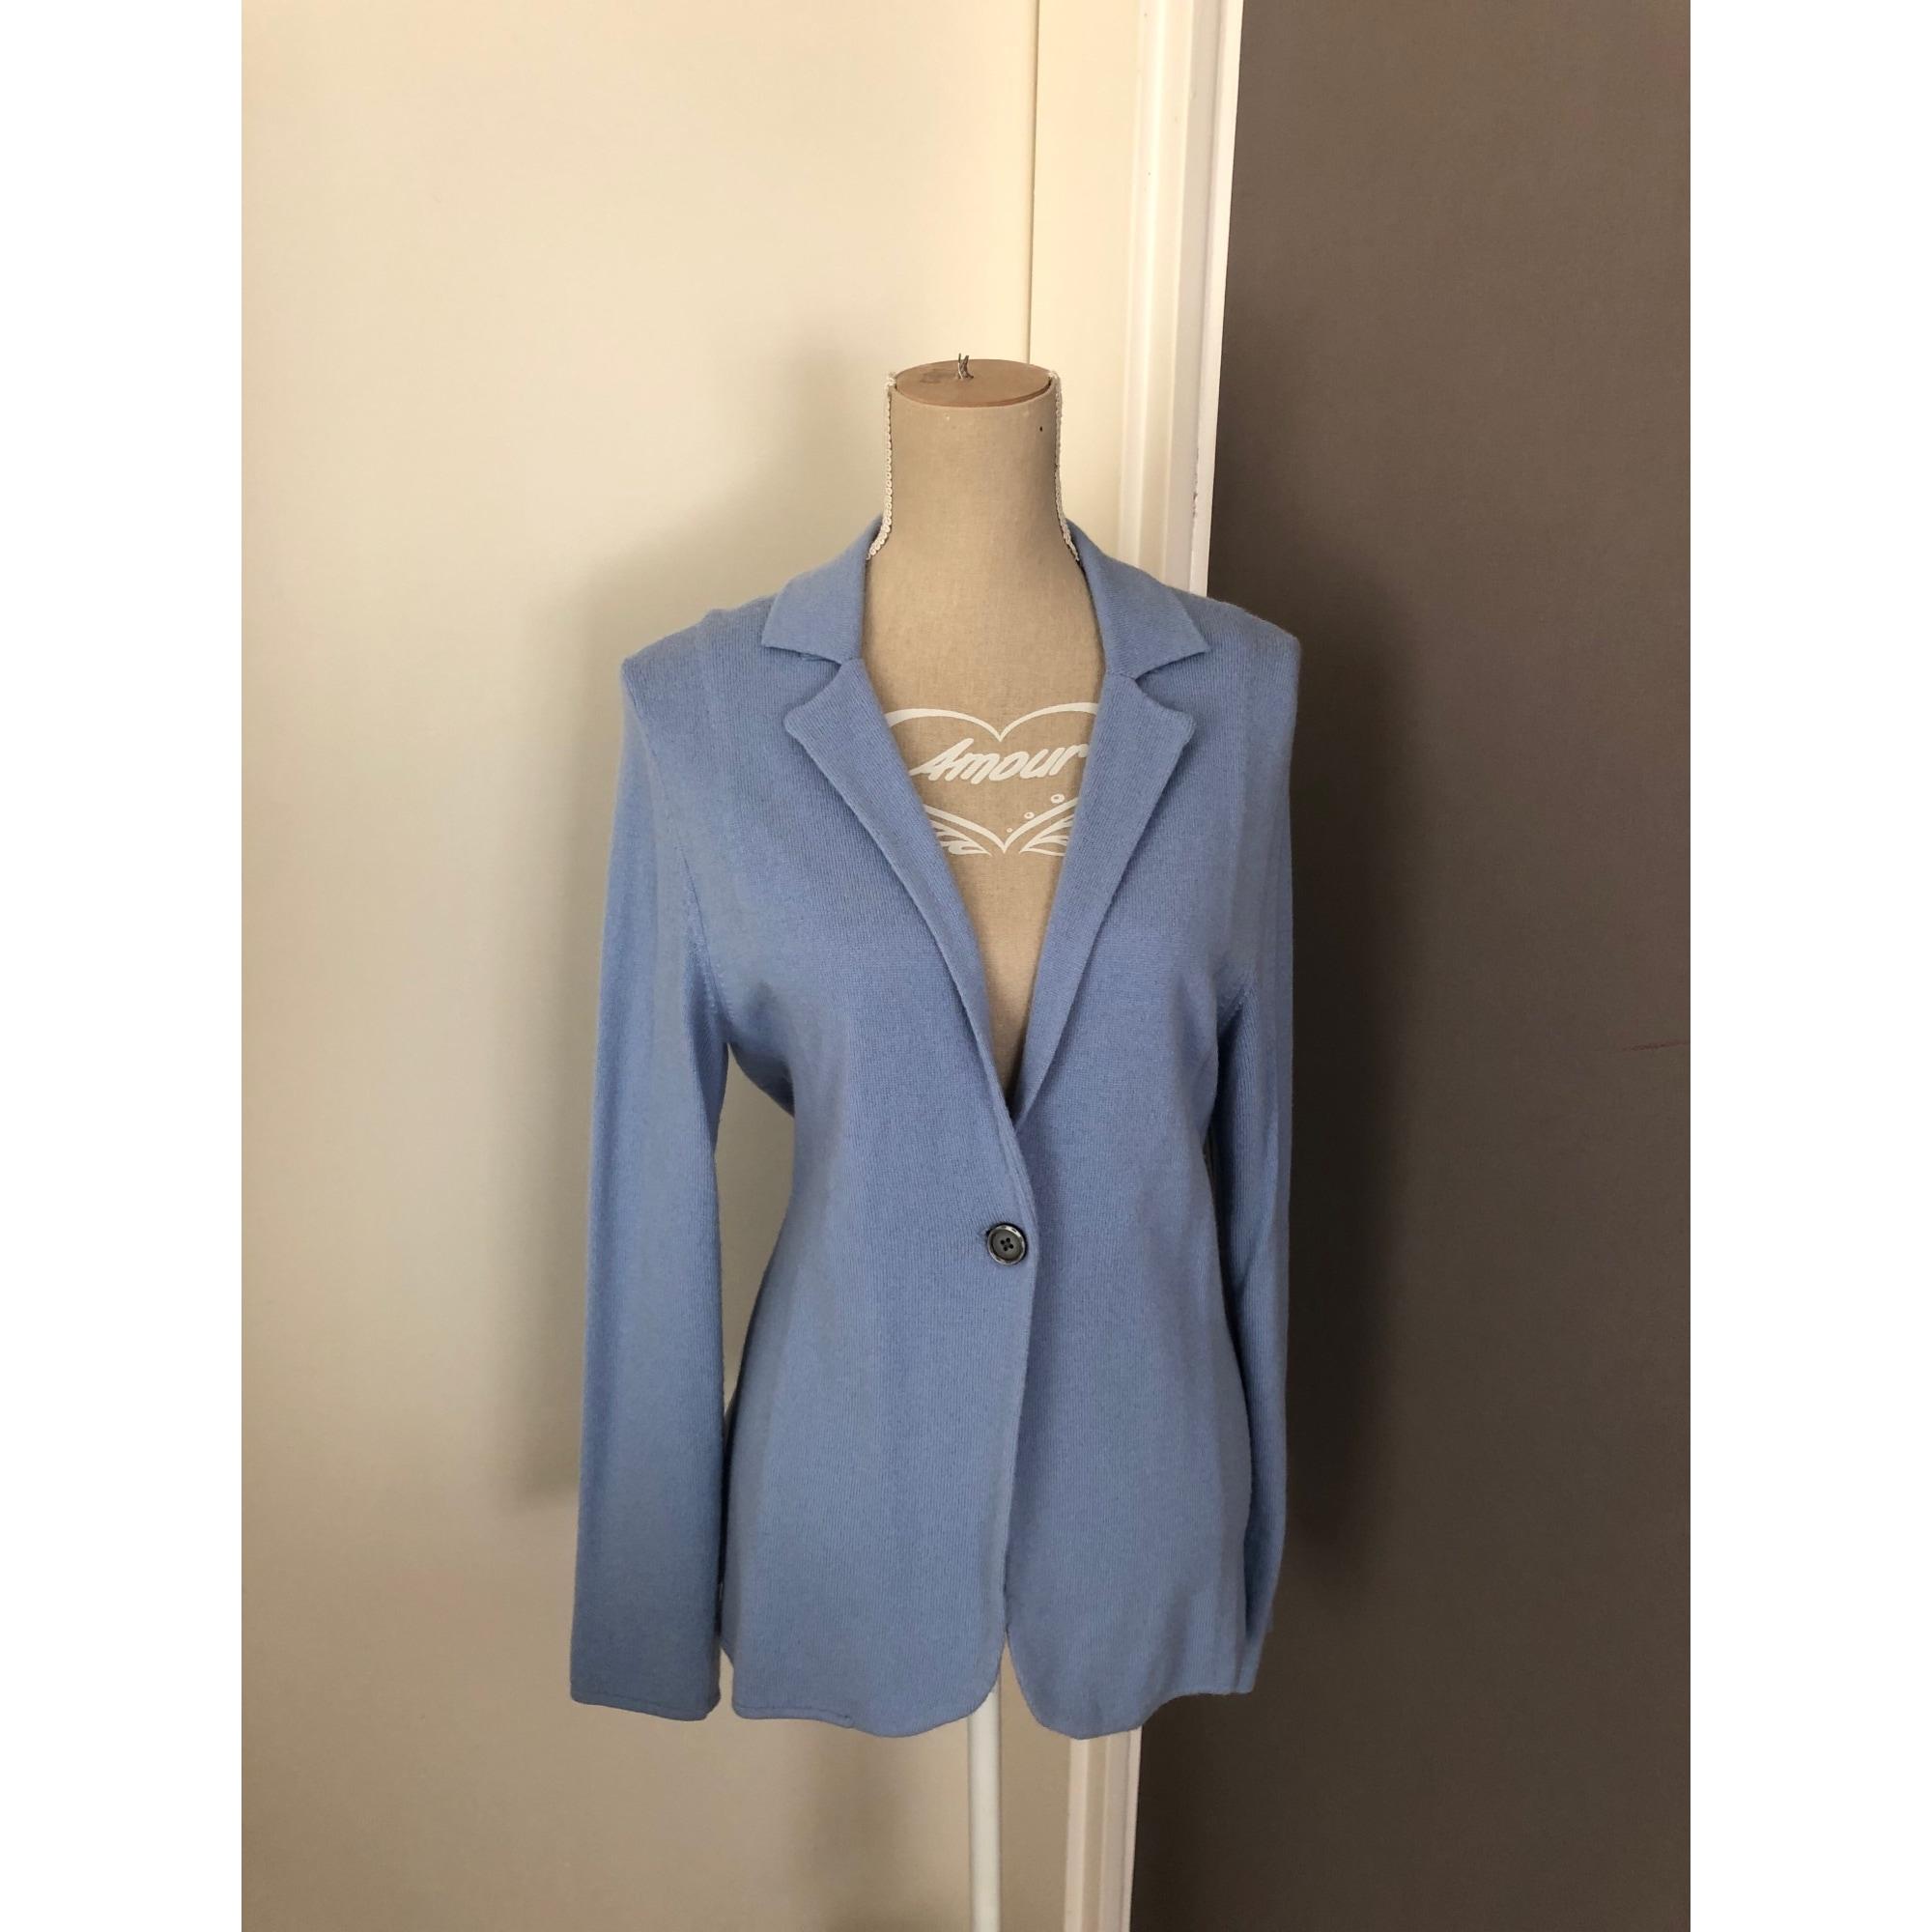 Gilet, cardigan HERMINE DE PASHMINA Bleu, bleu marine, bleu turquoise